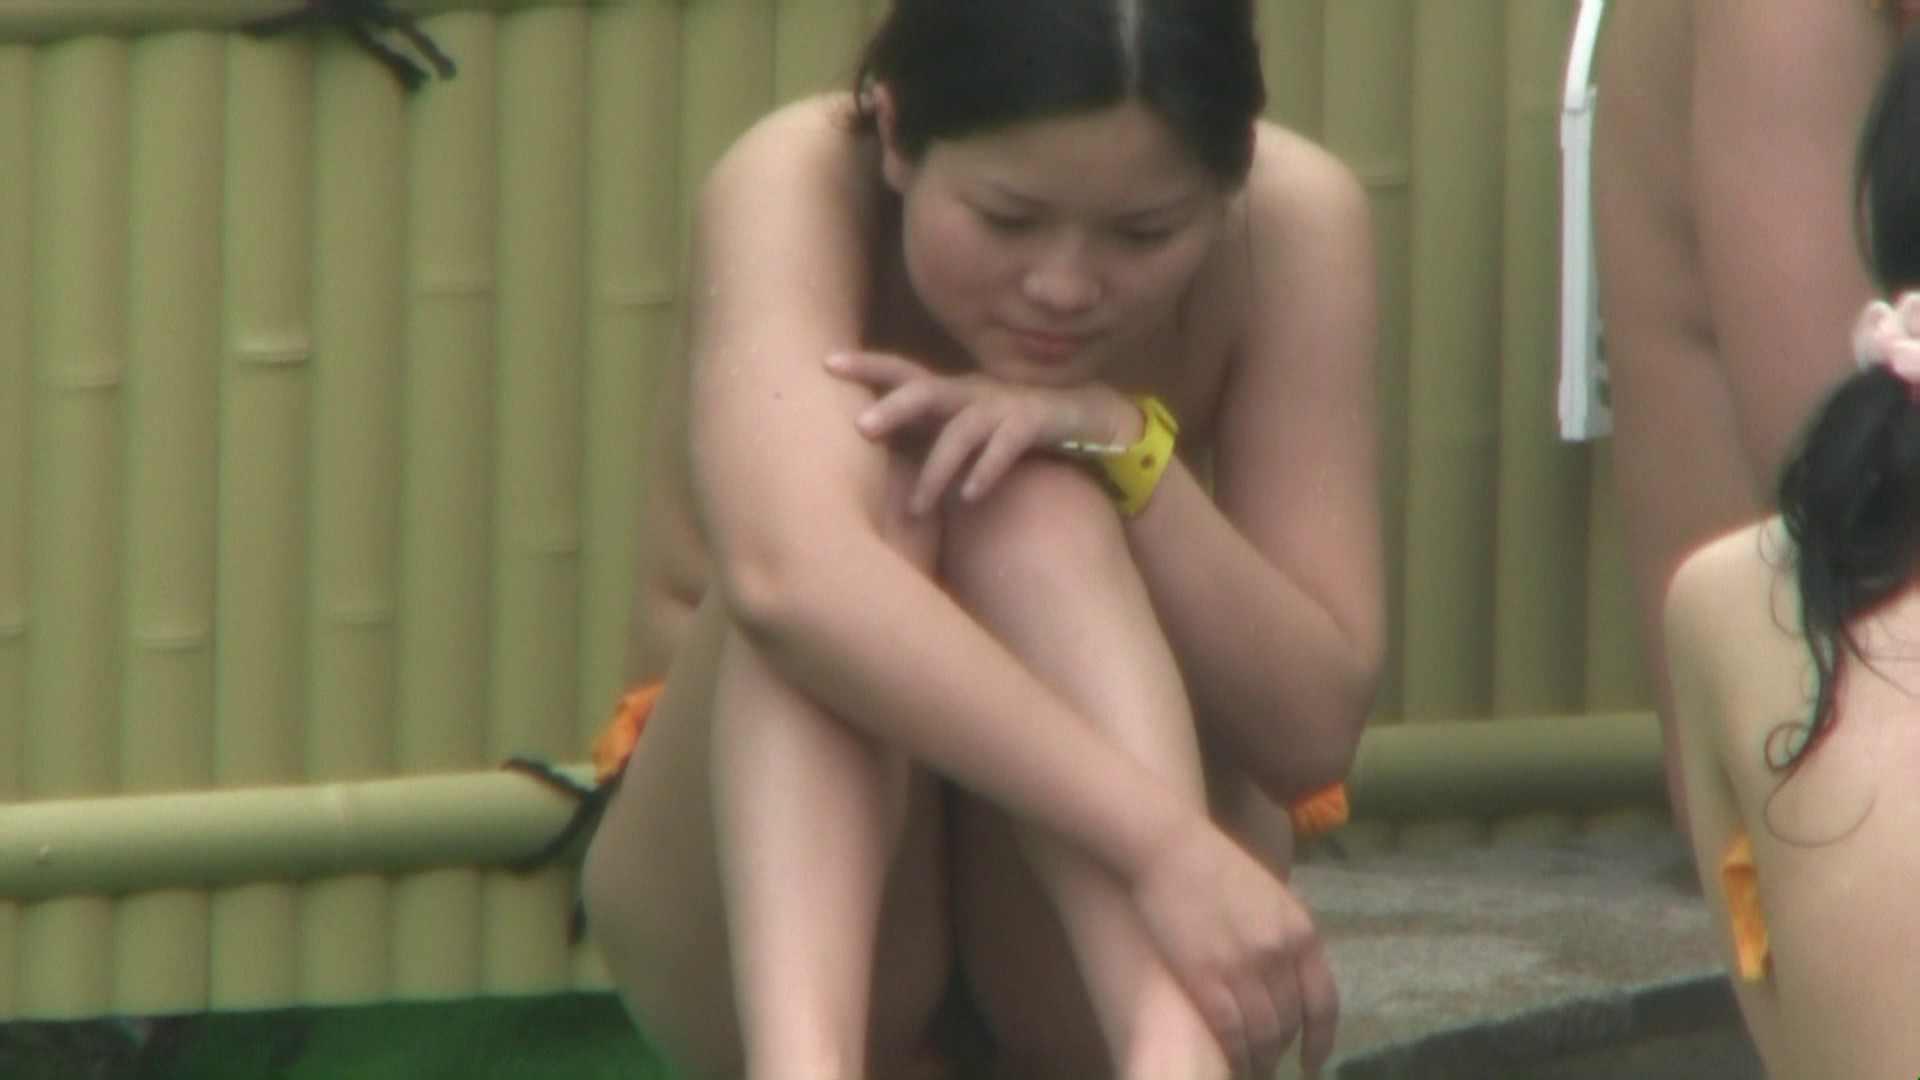 Aquaな露天風呂Vol.75【VIP限定】 美しいOLの裸体  107pic 30